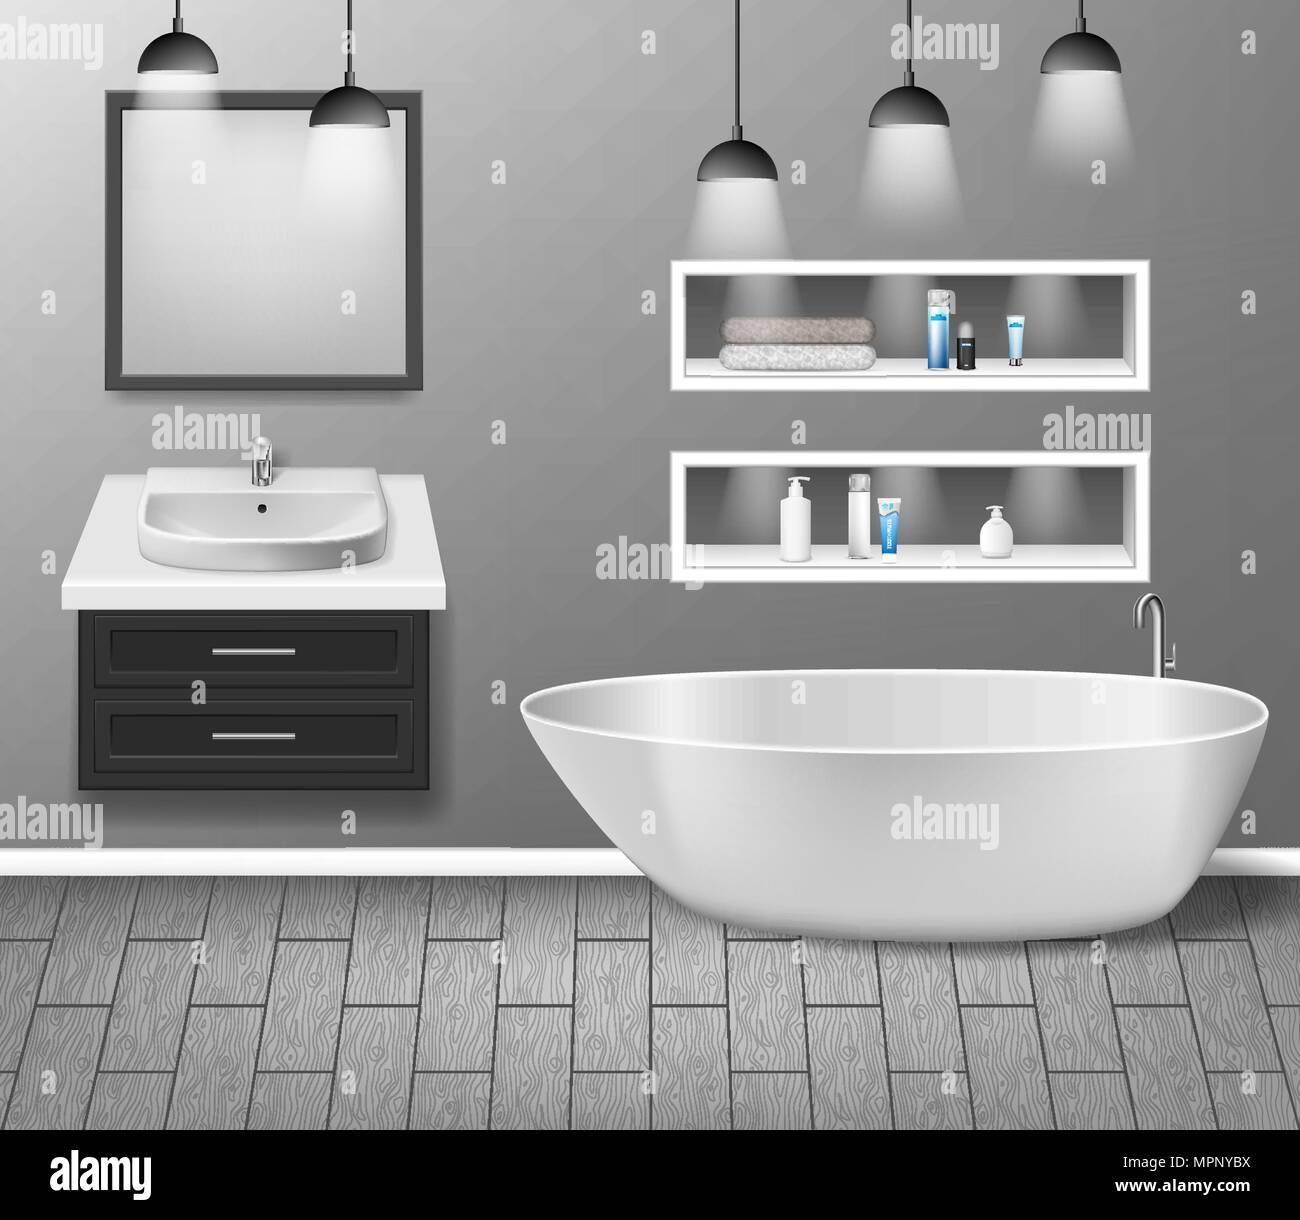 Badezimmer Mobel | Realistische Badezimmer Mobel Interieur Mit Modernen Badezimmer